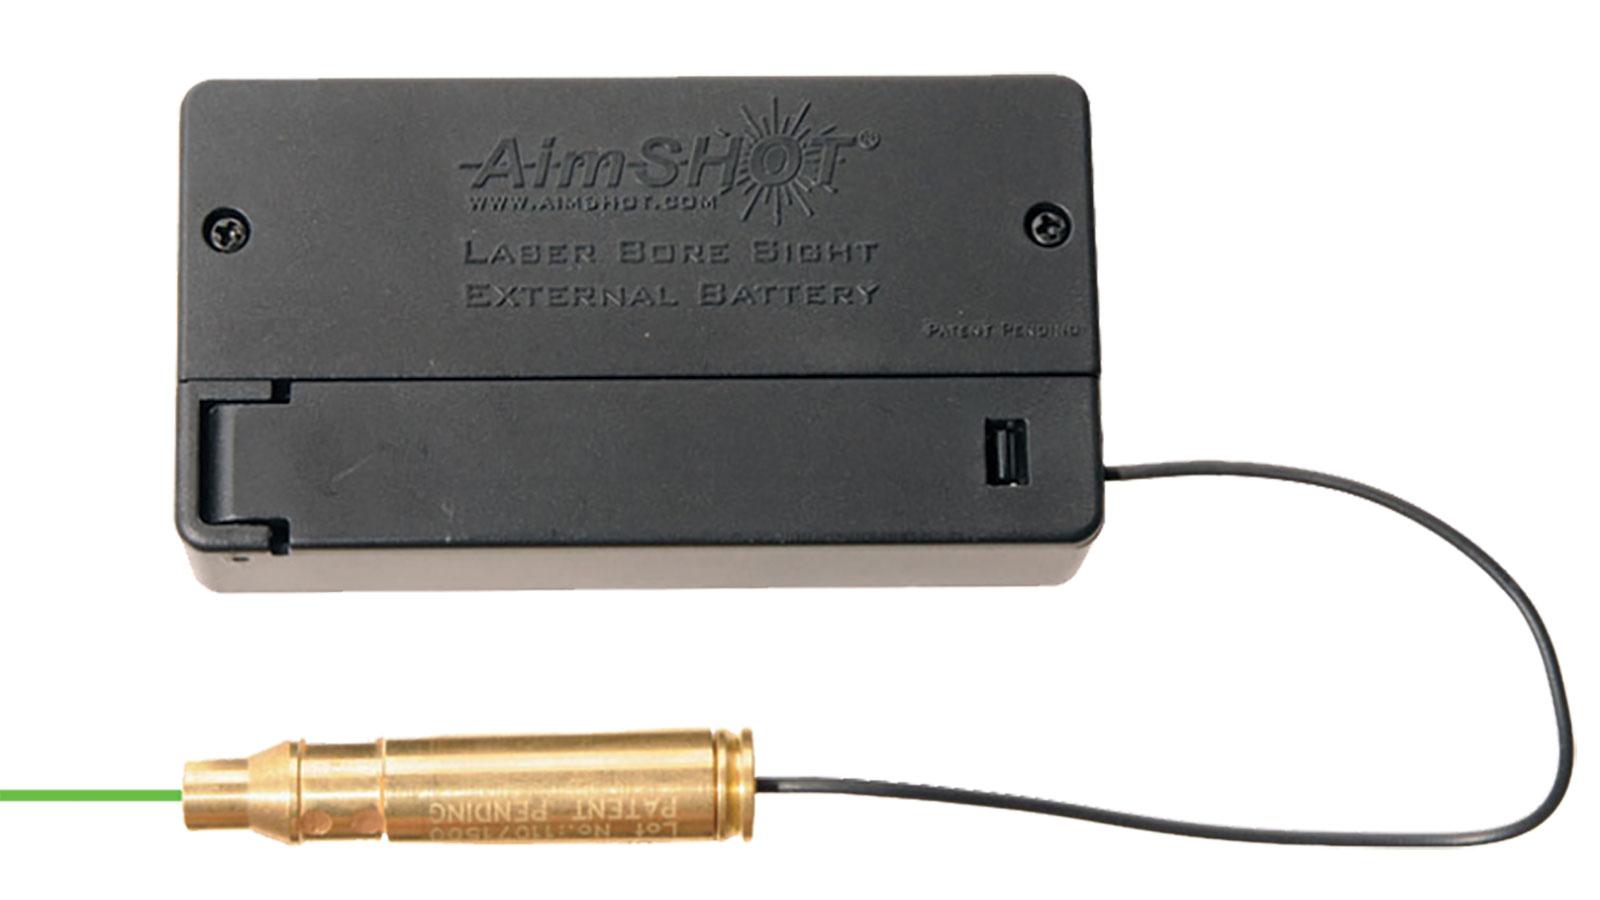 Aimshot Boresigh .223 Green Laser with External Battery Box